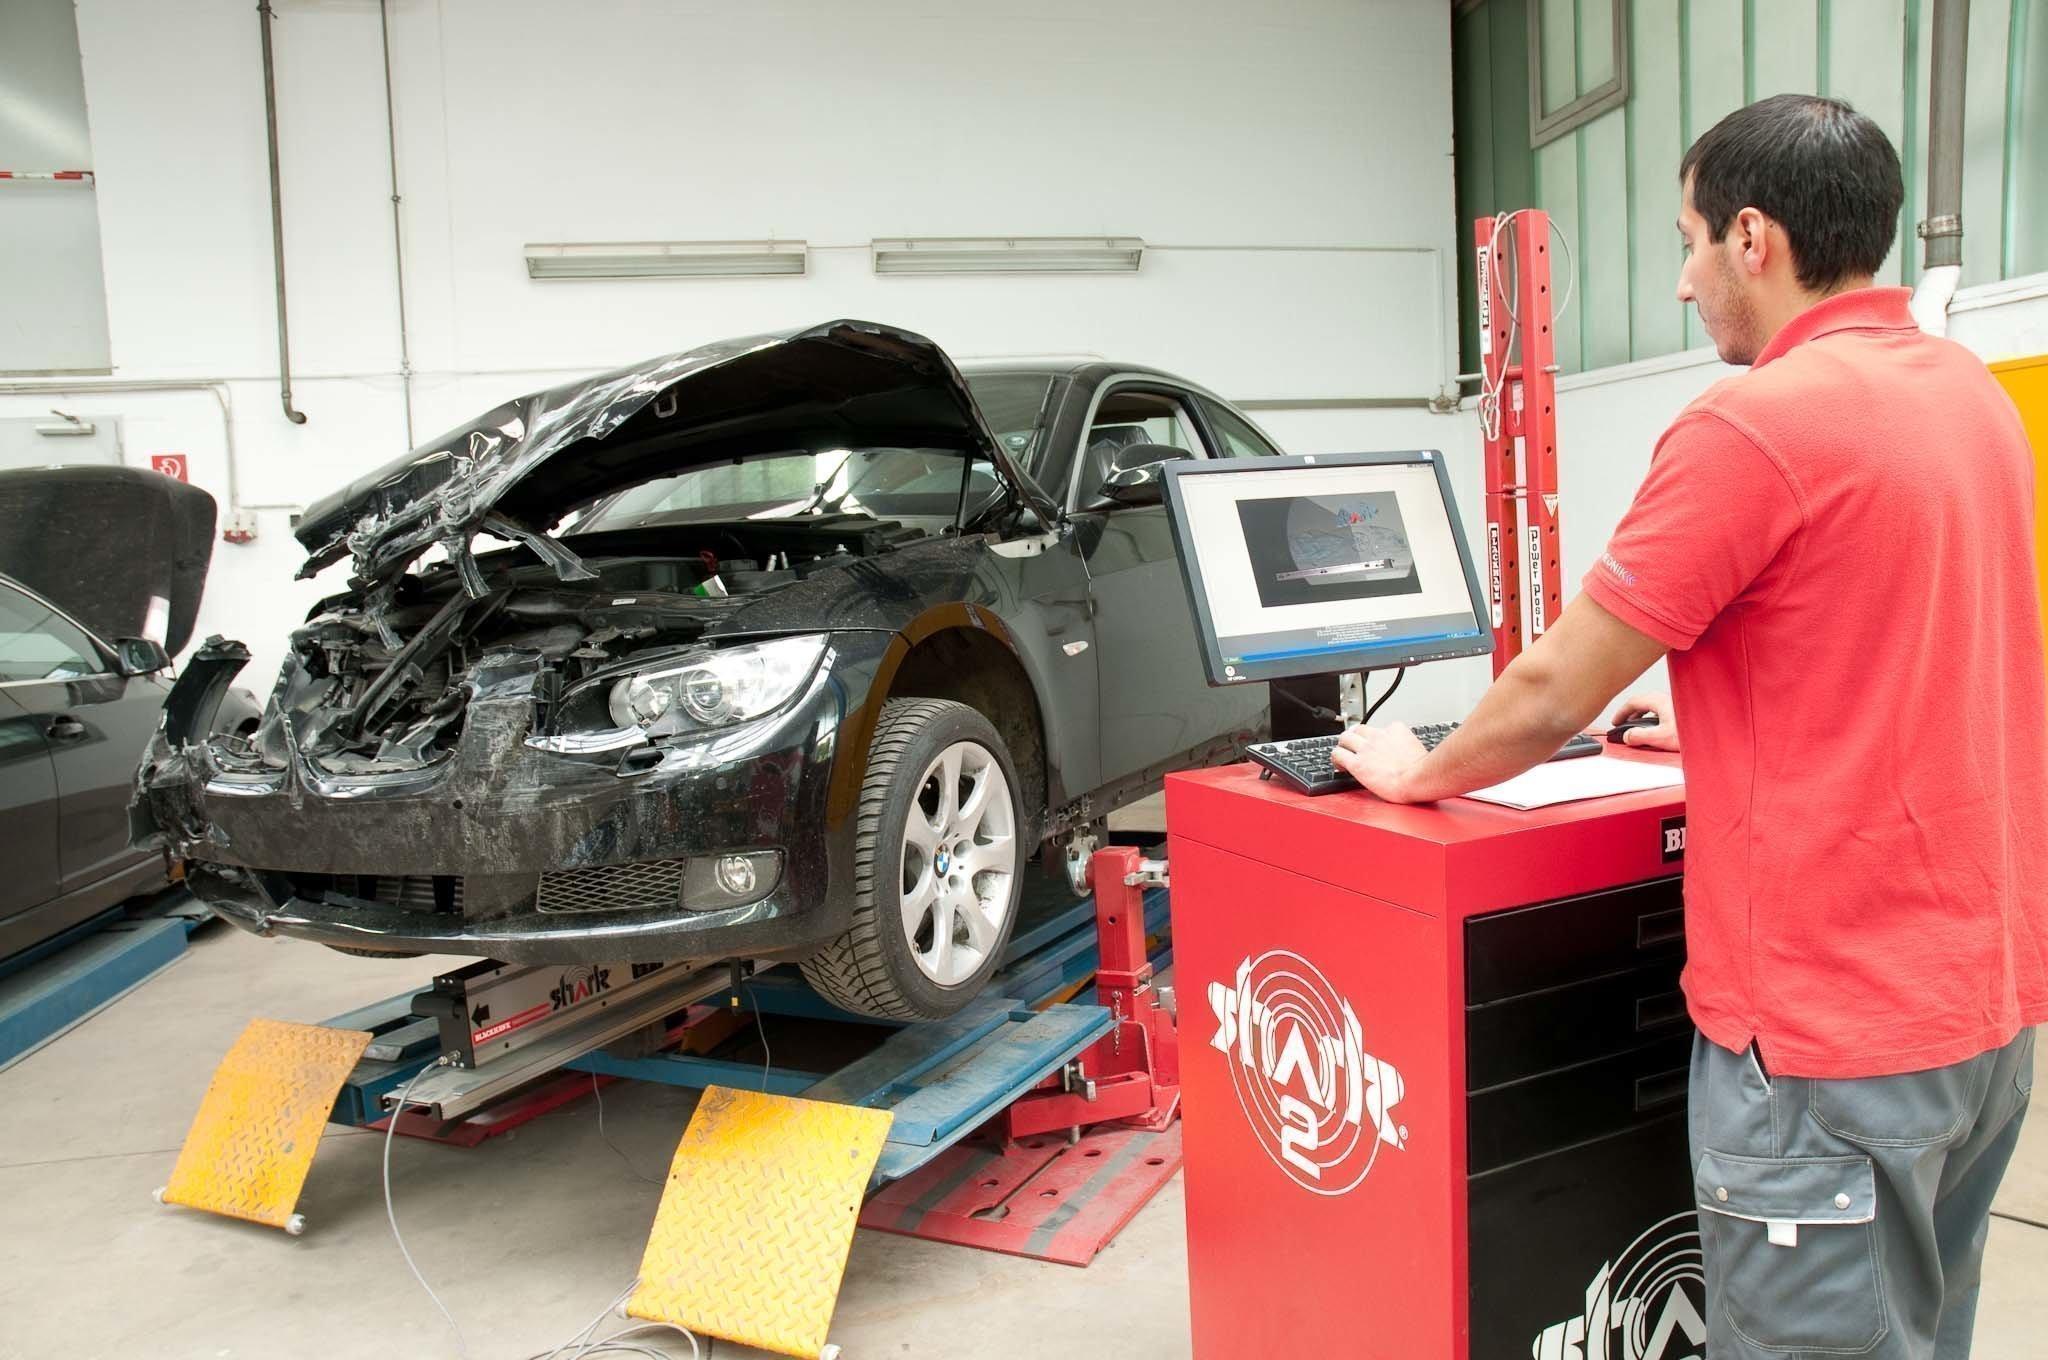 Что делать если автосервис затягивает ремонт машины? Как то заставить страховщика поставить оригинальные детали?